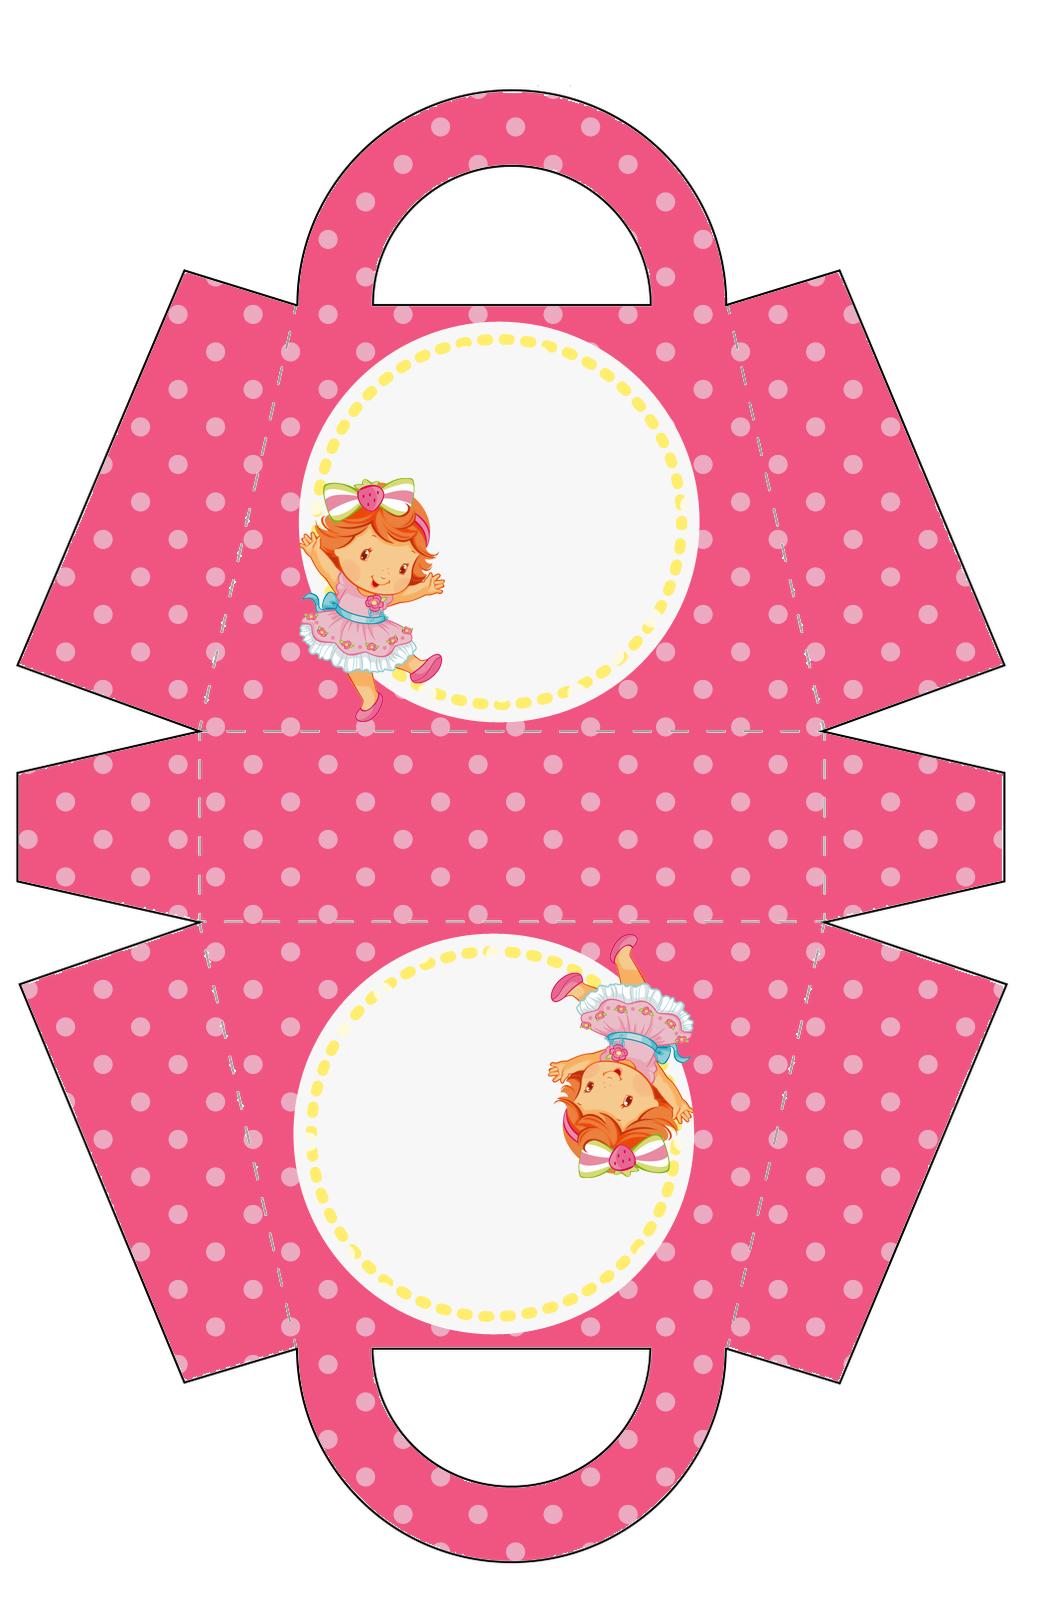 Strawberry shortcake frame